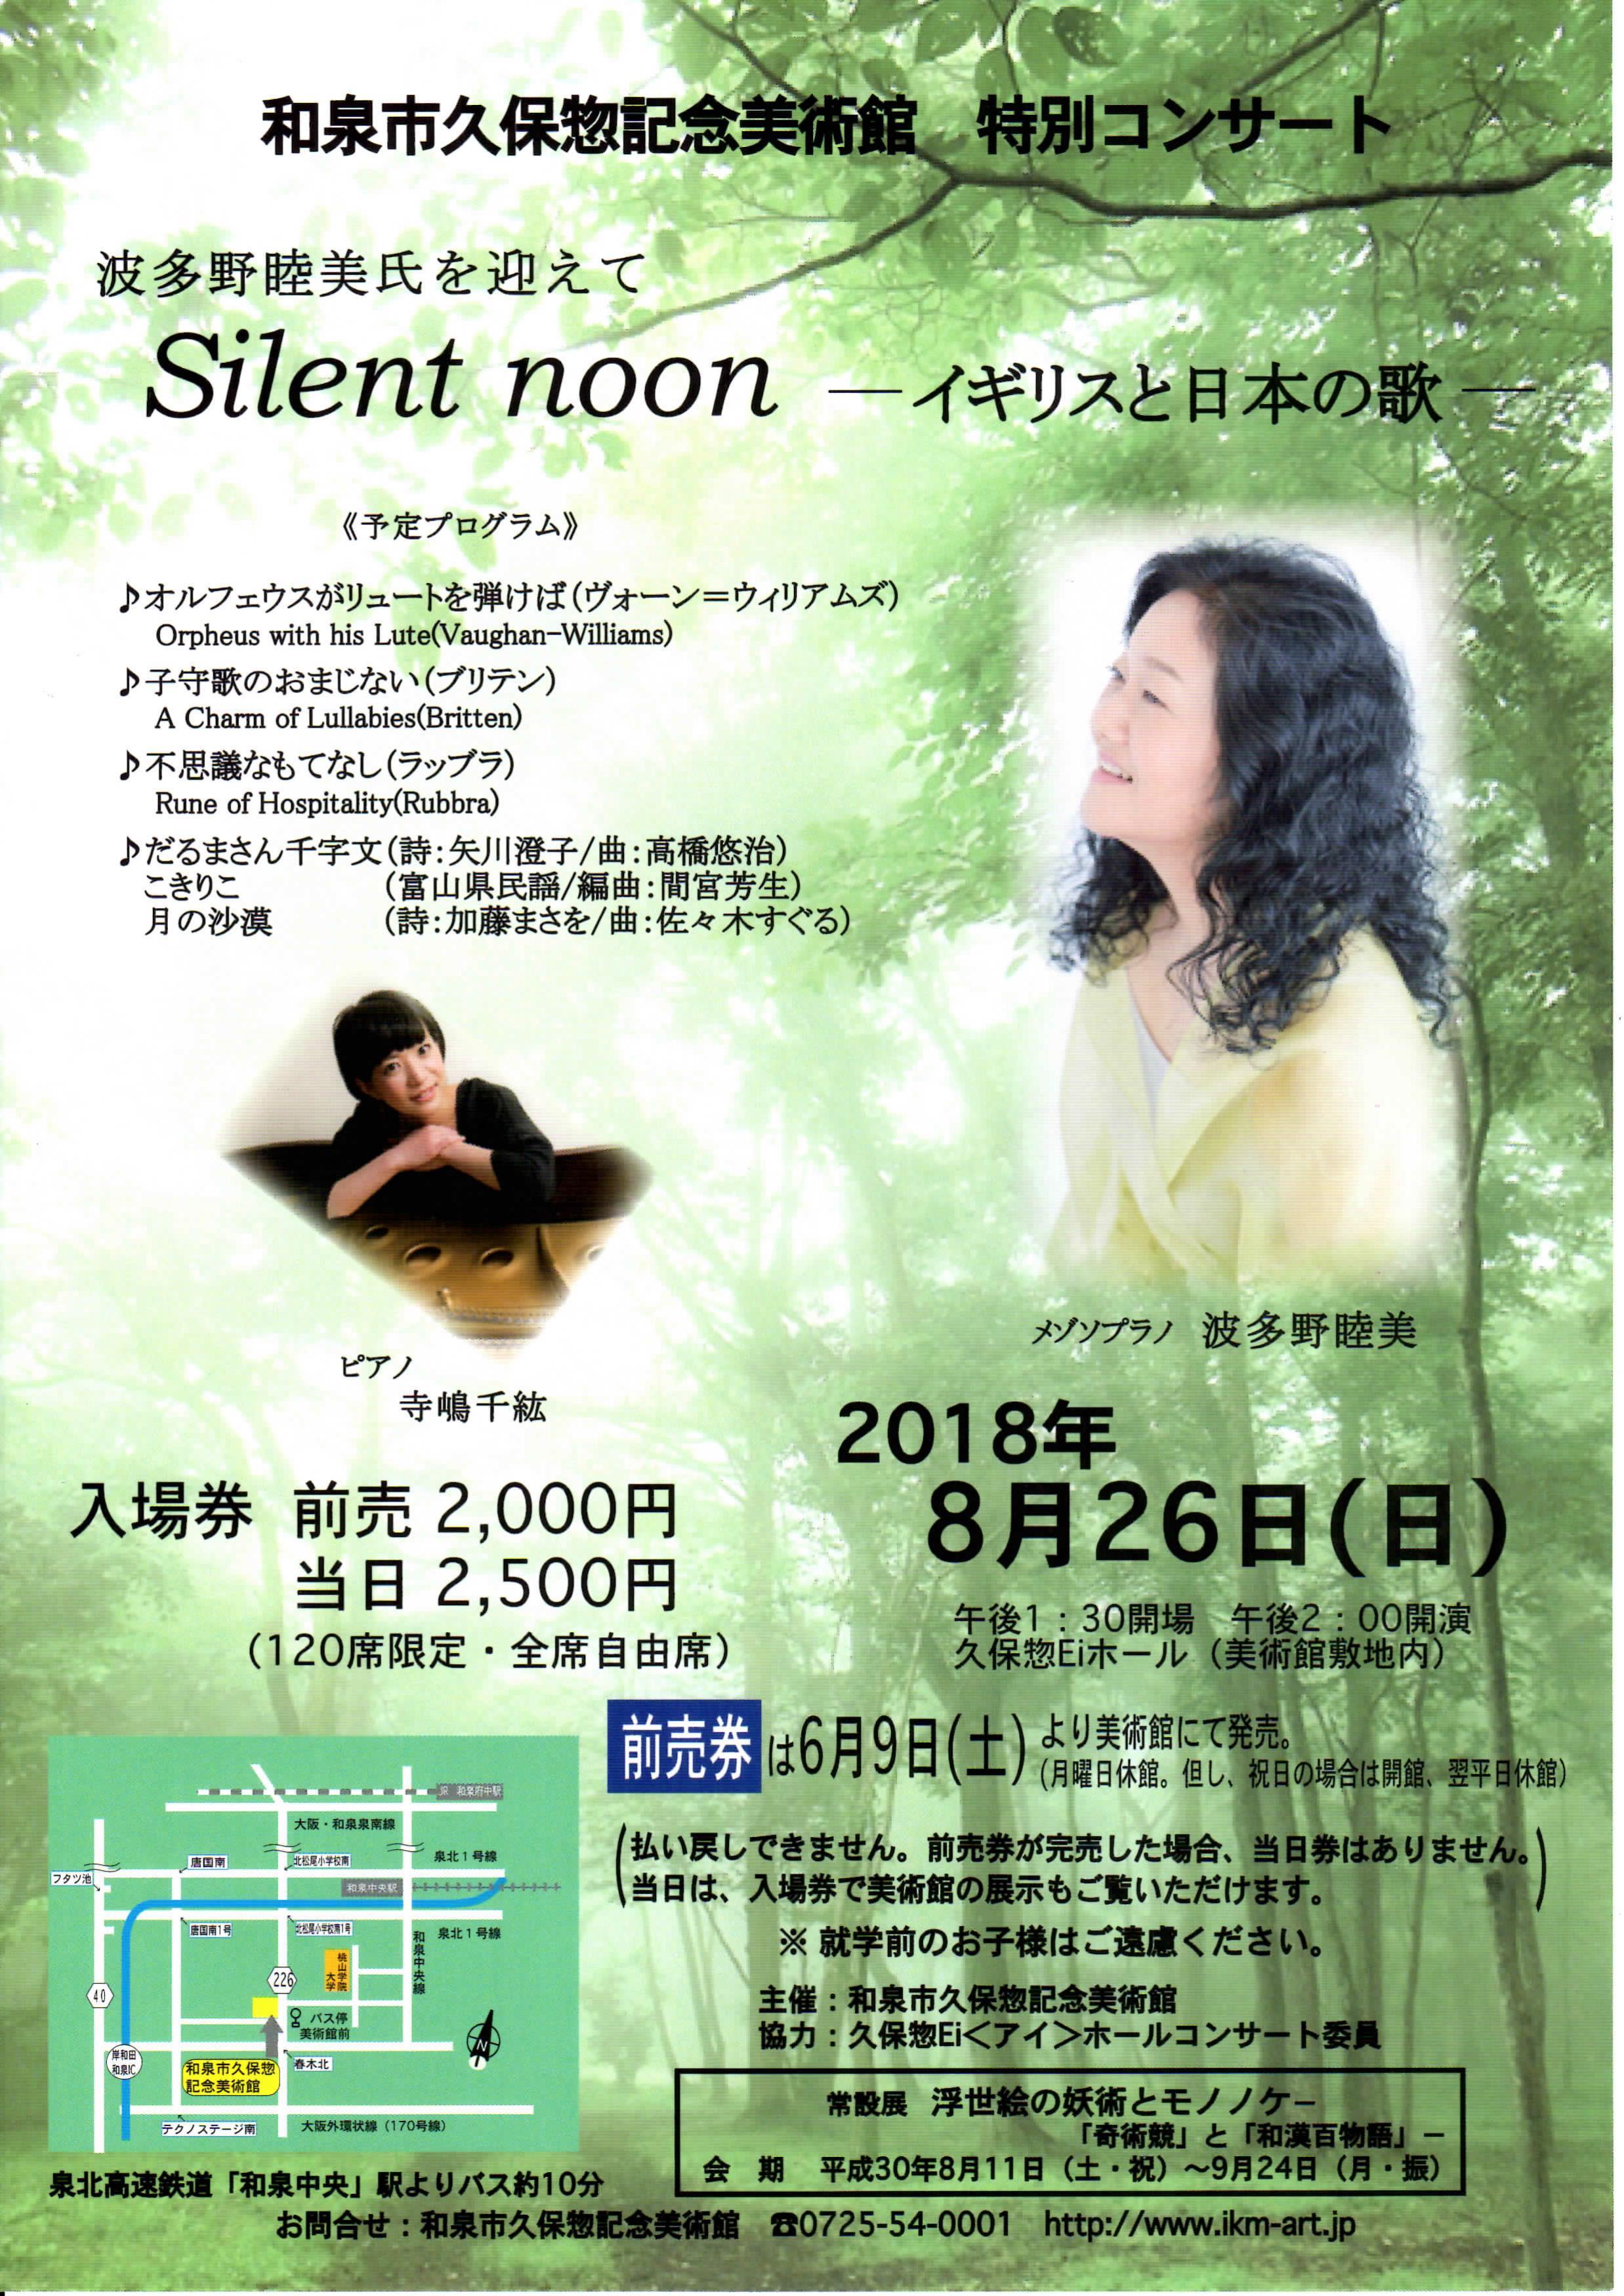 和泉市久保惣記念美術館 特別コンサート  Silent noon -イギリスと日本の歌- 8月26日(日)開催!